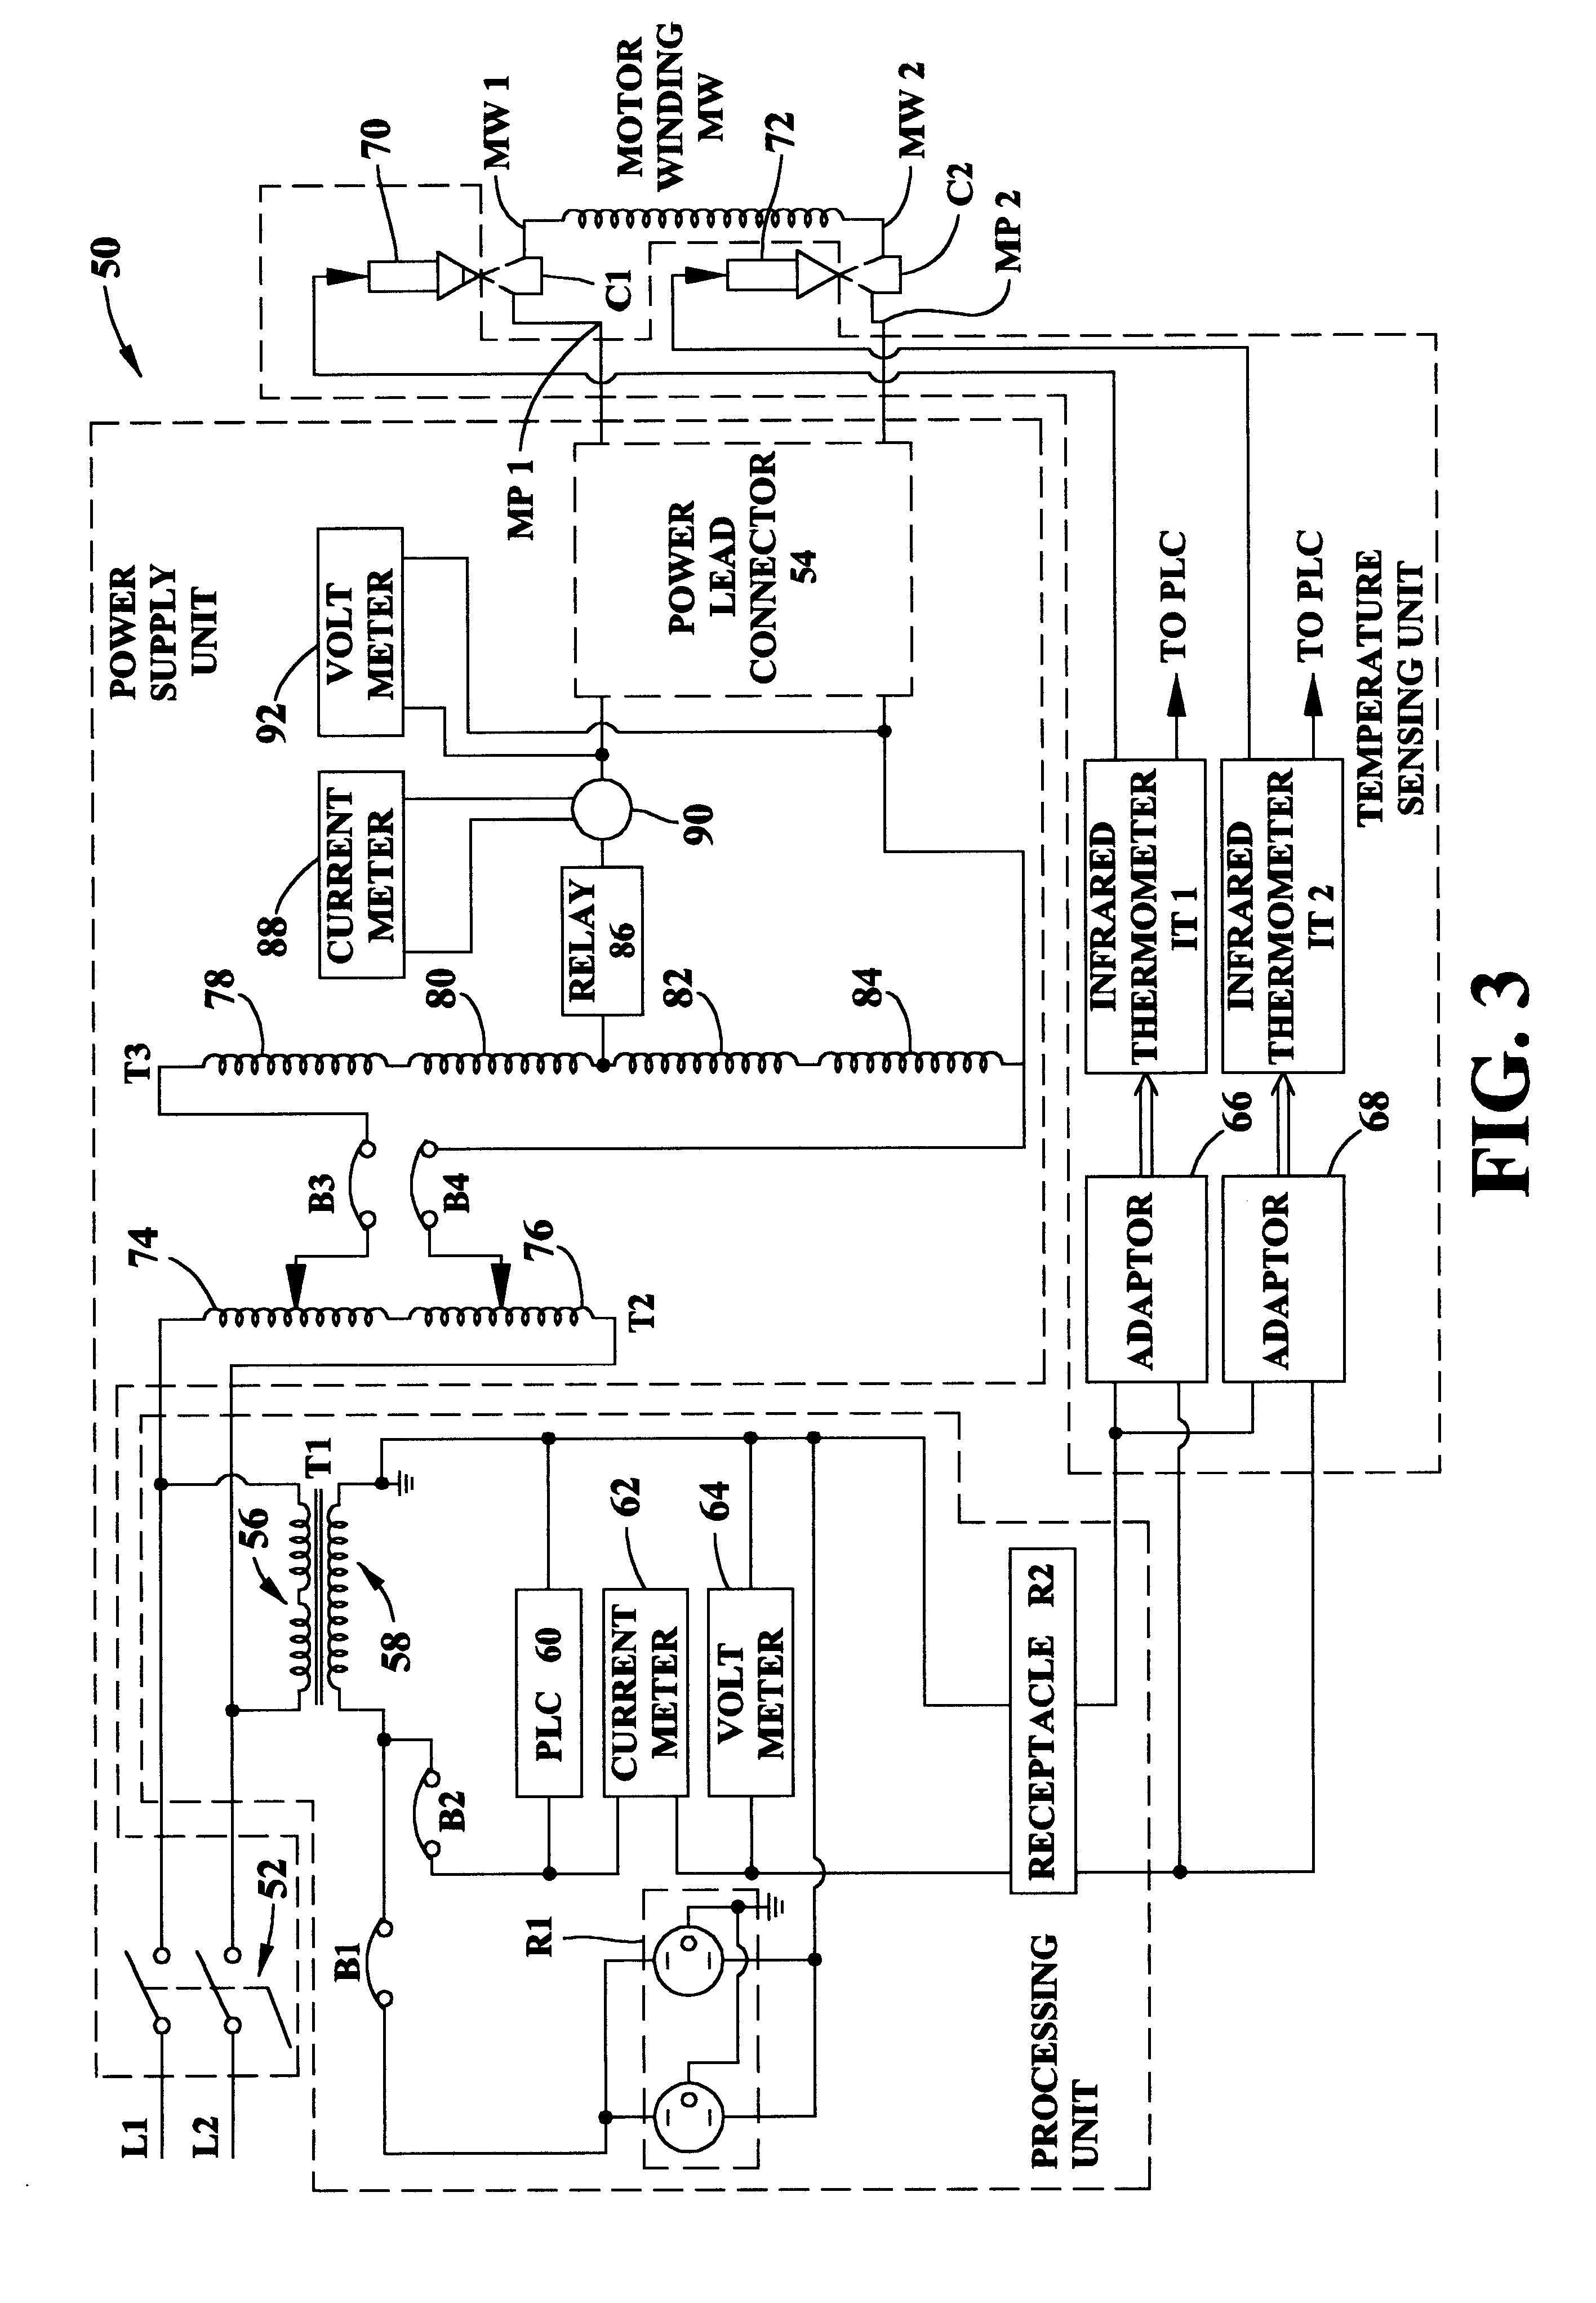 Mitsubishi Outlander Wiring Schematics